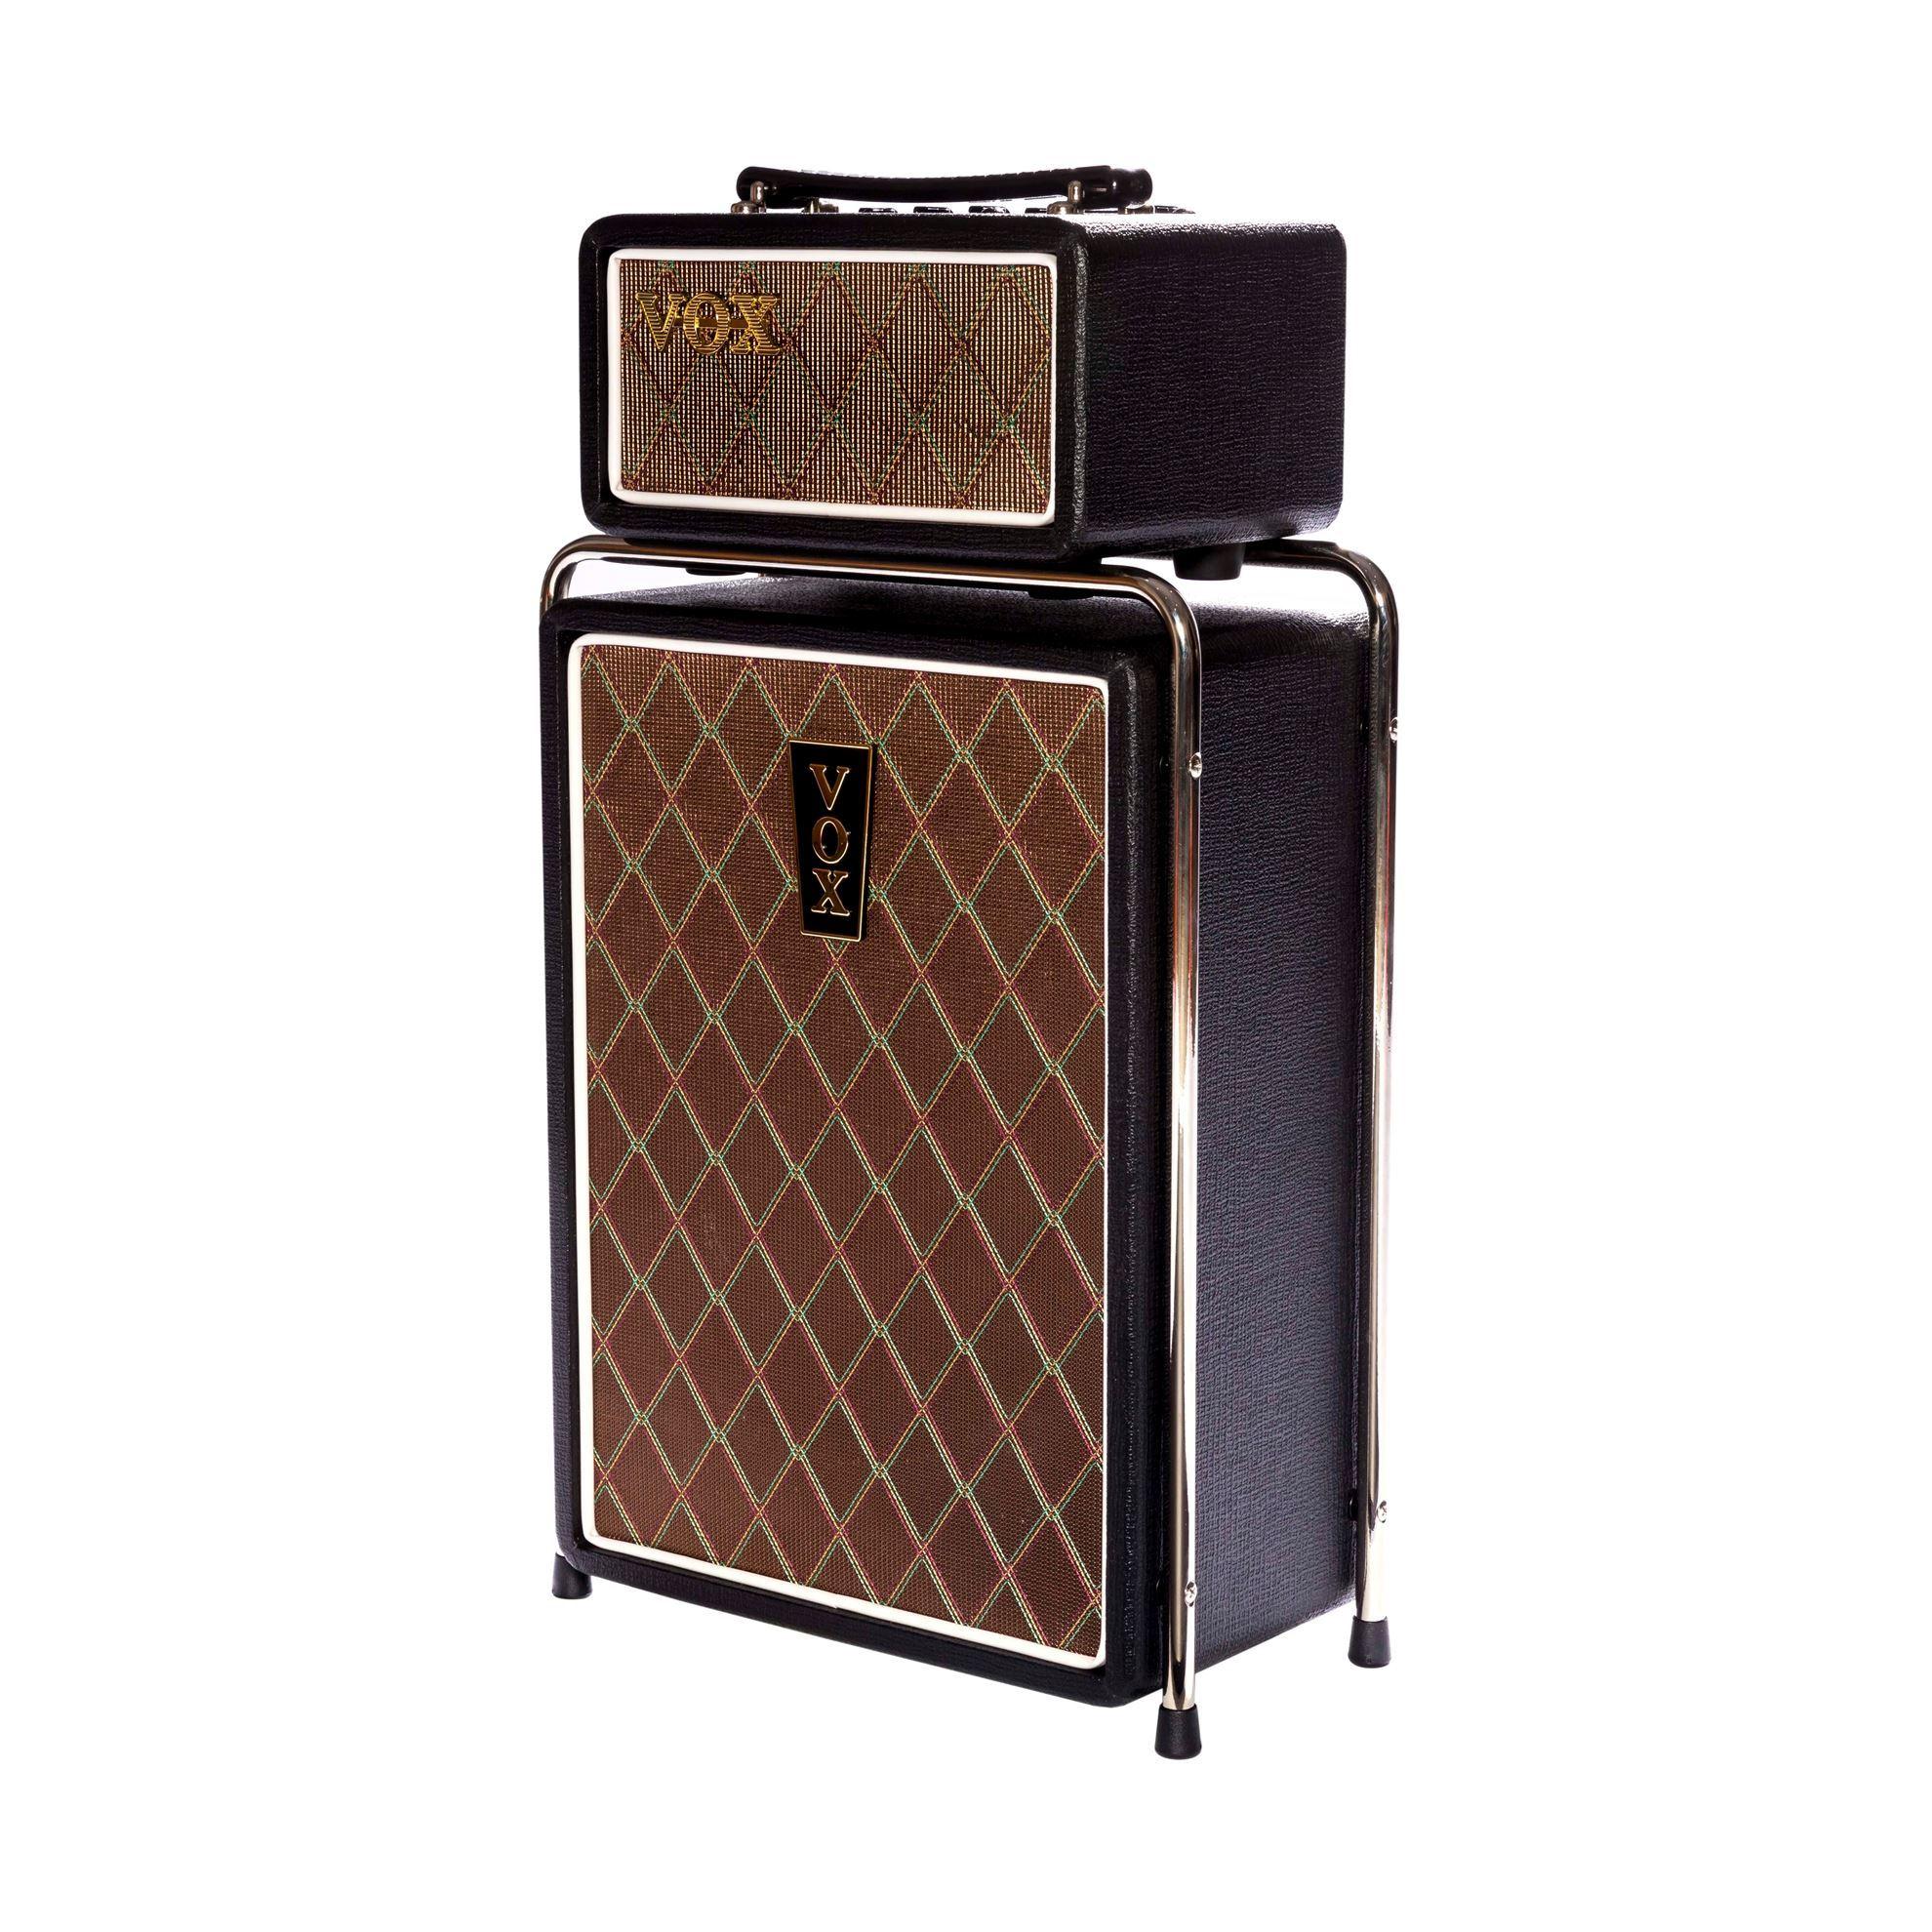 vox mini superbeetle stack guitar amplifier and cabinet perth mega music online. Black Bedroom Furniture Sets. Home Design Ideas